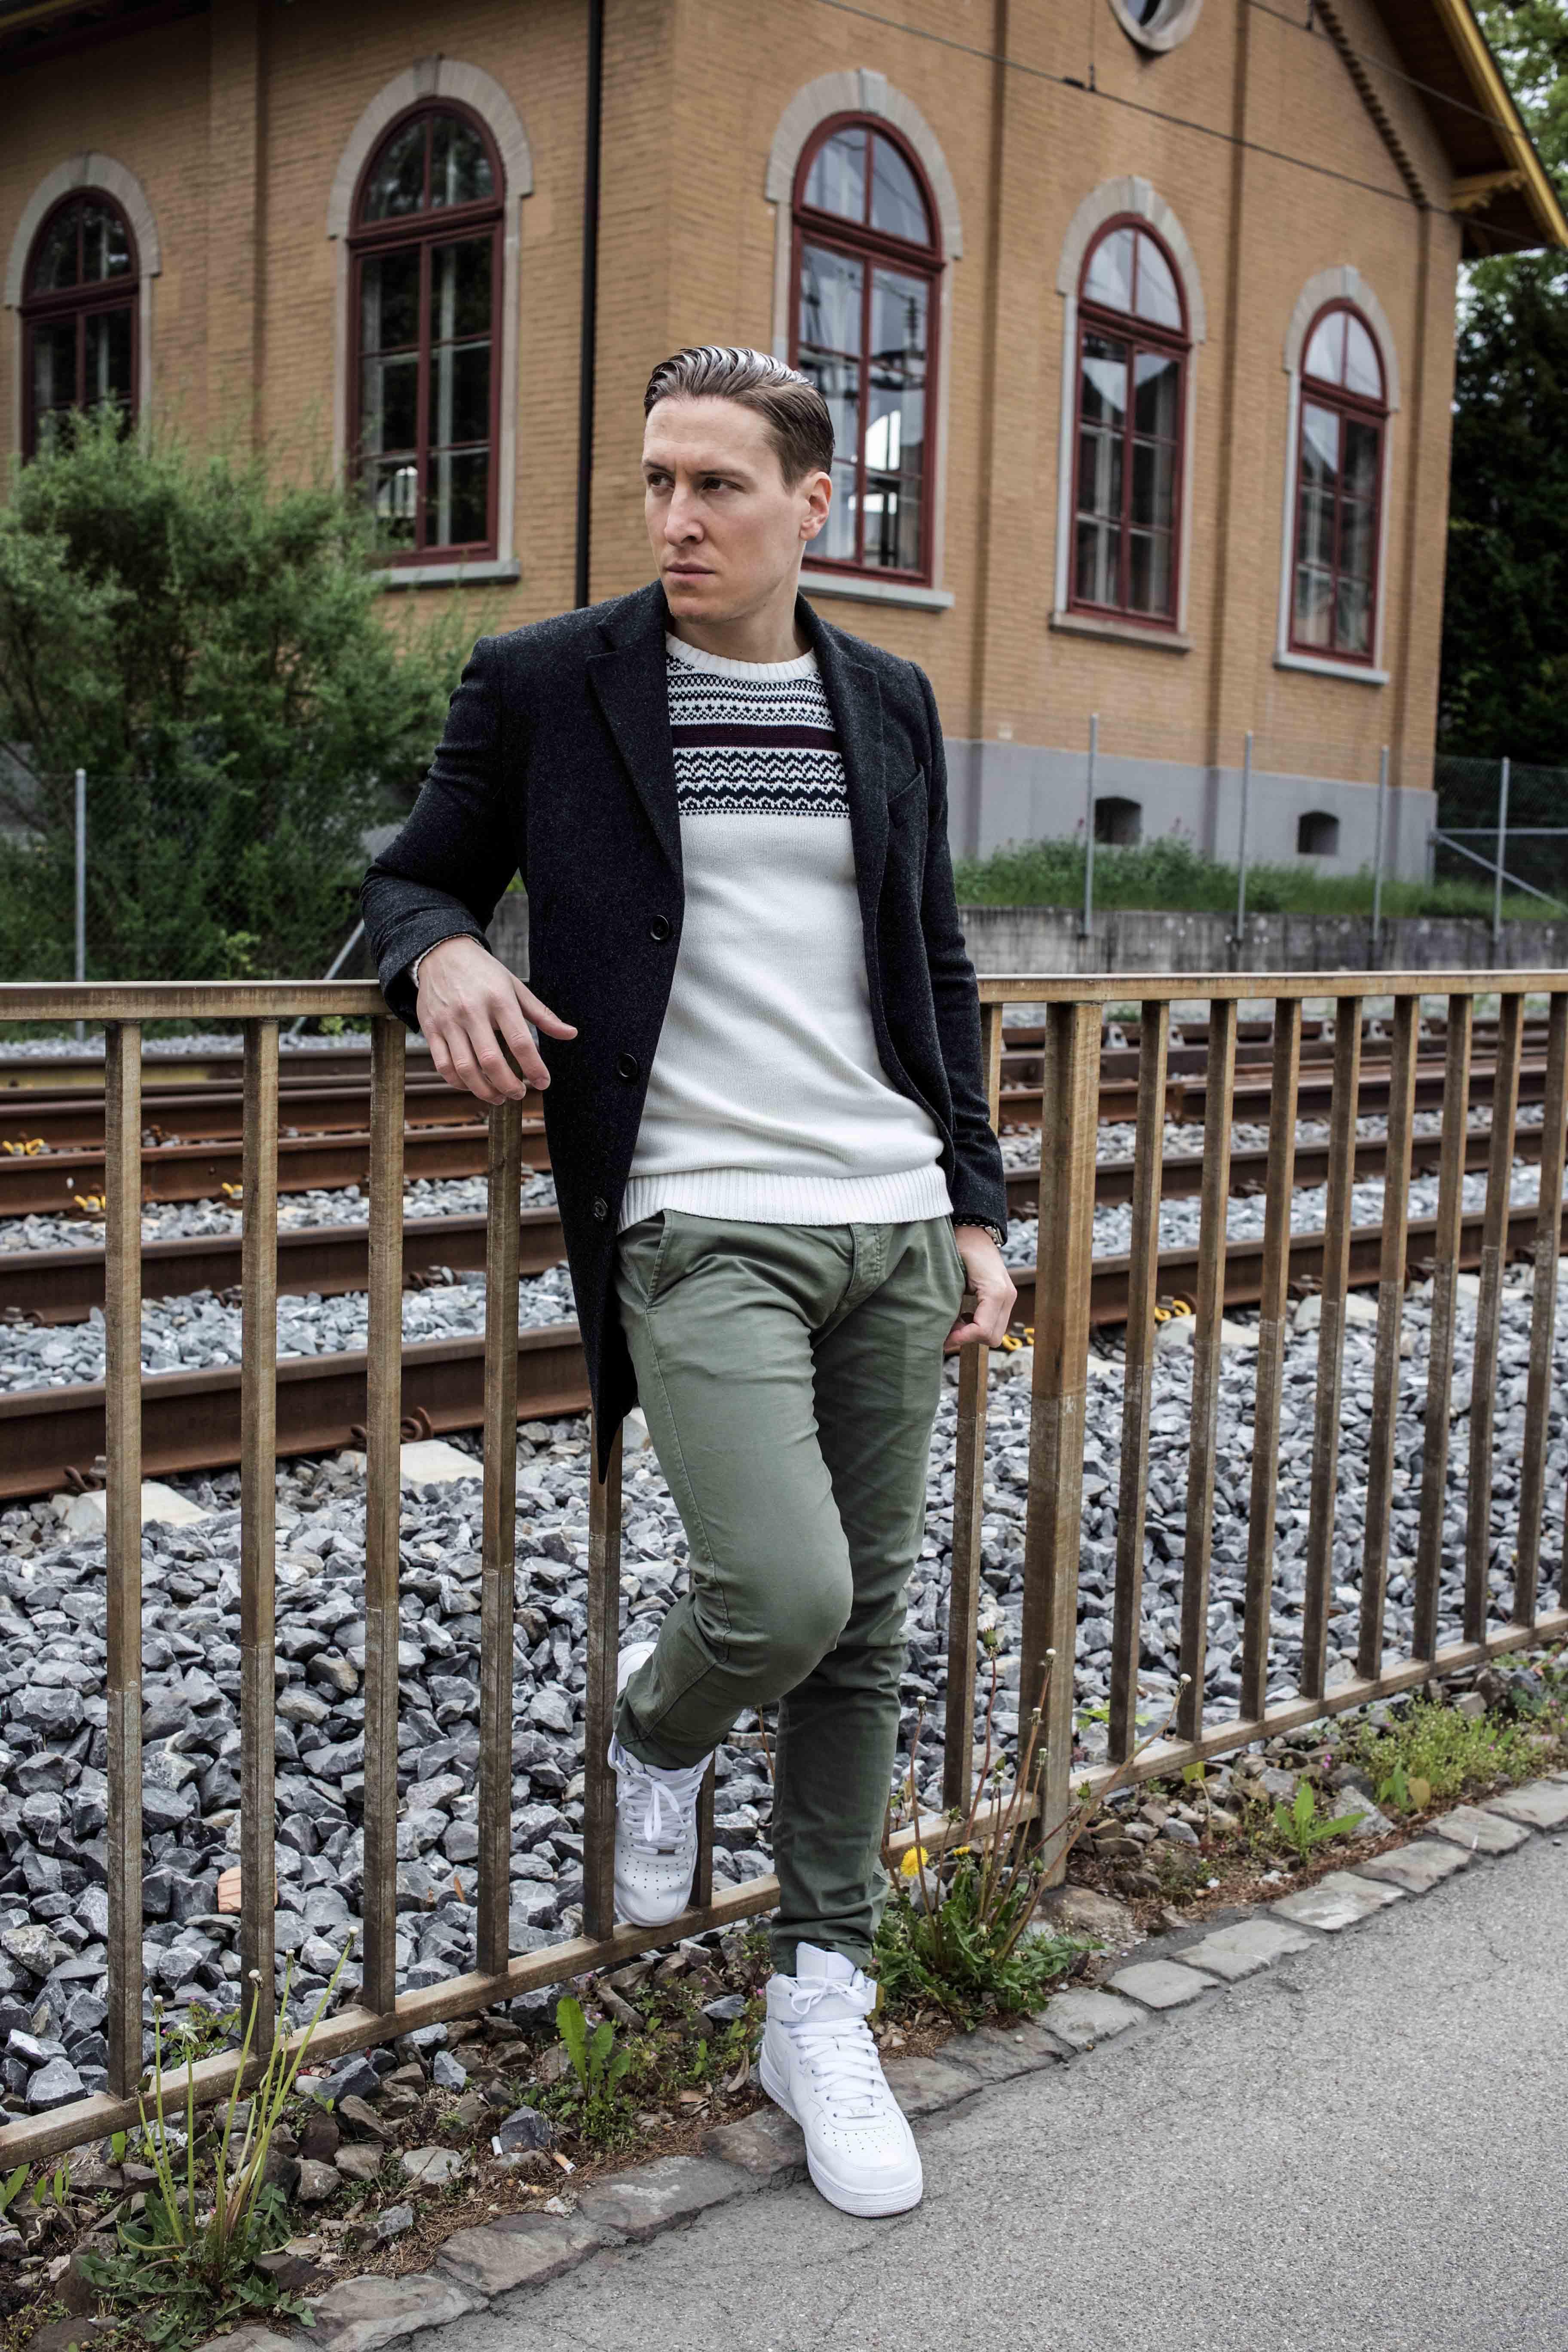 Erstaunlich Grauer Mantel Kombinieren Ideen Von Streetstyle-zürich-zurich-nike-air-force-grüne-chino-grauer-mantel -männer-modedesign_7225